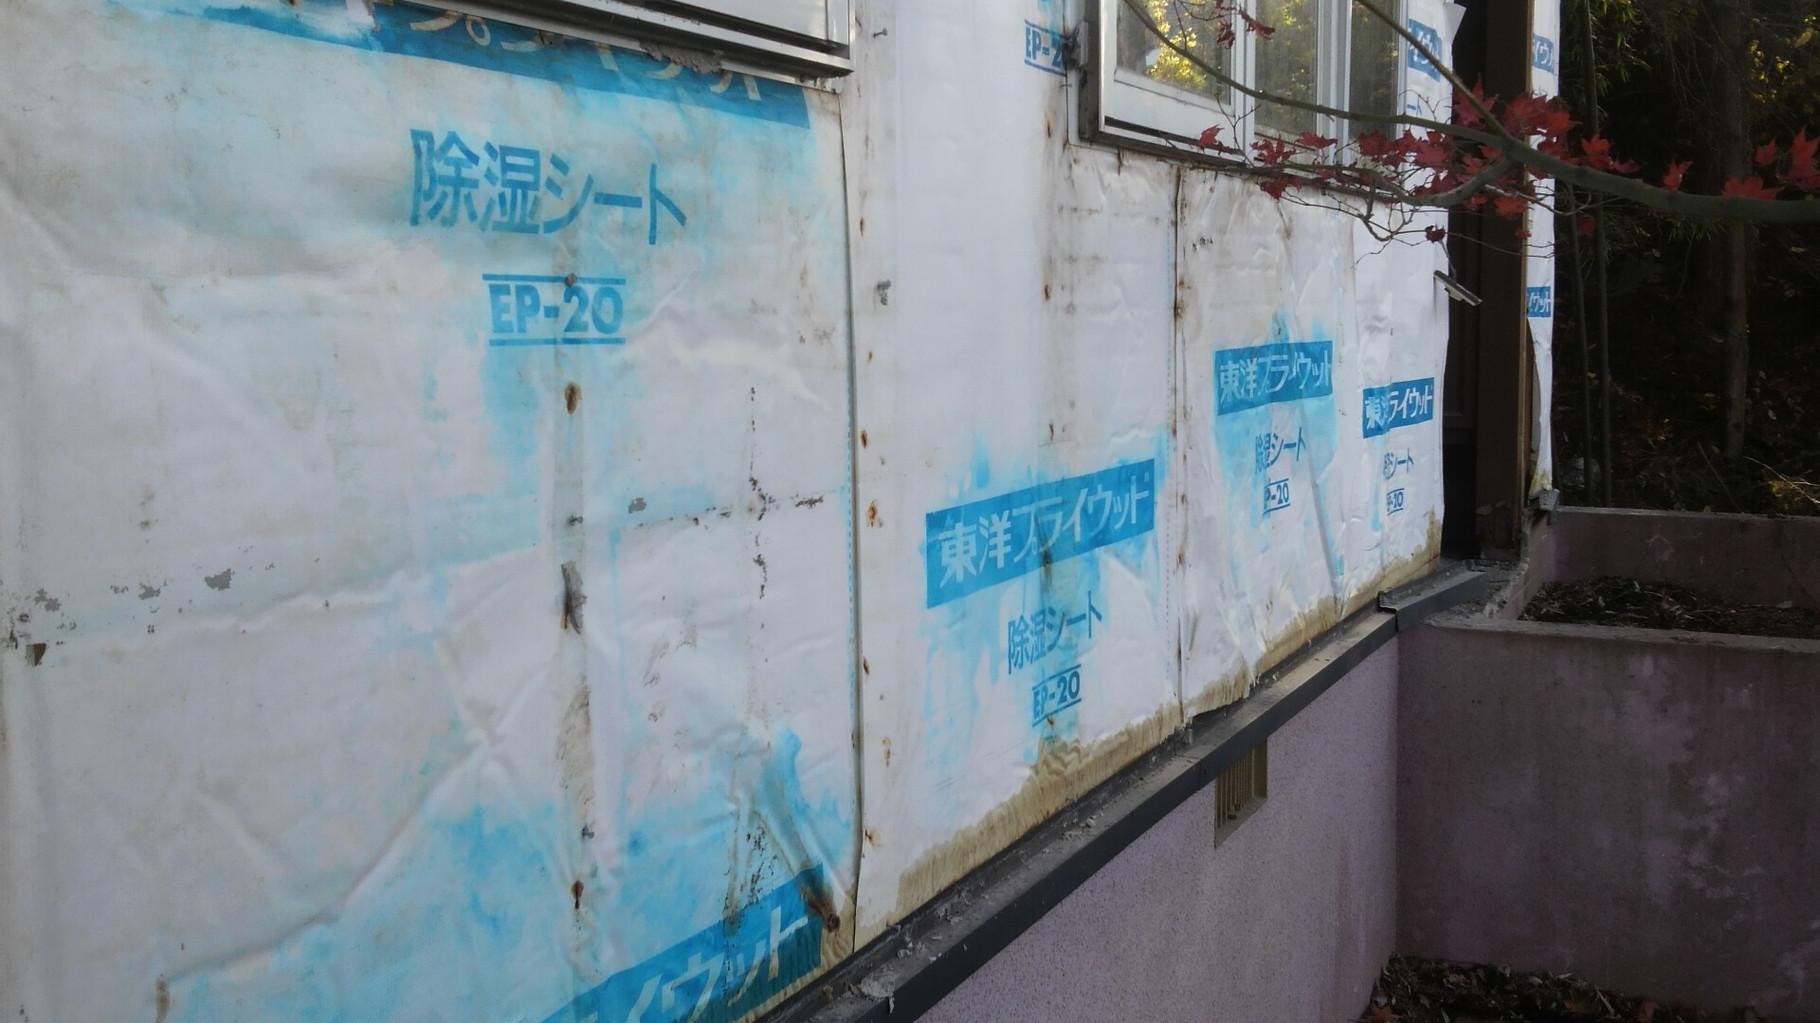 外壁を除去。新しい外壁が待ち遠しいですね!